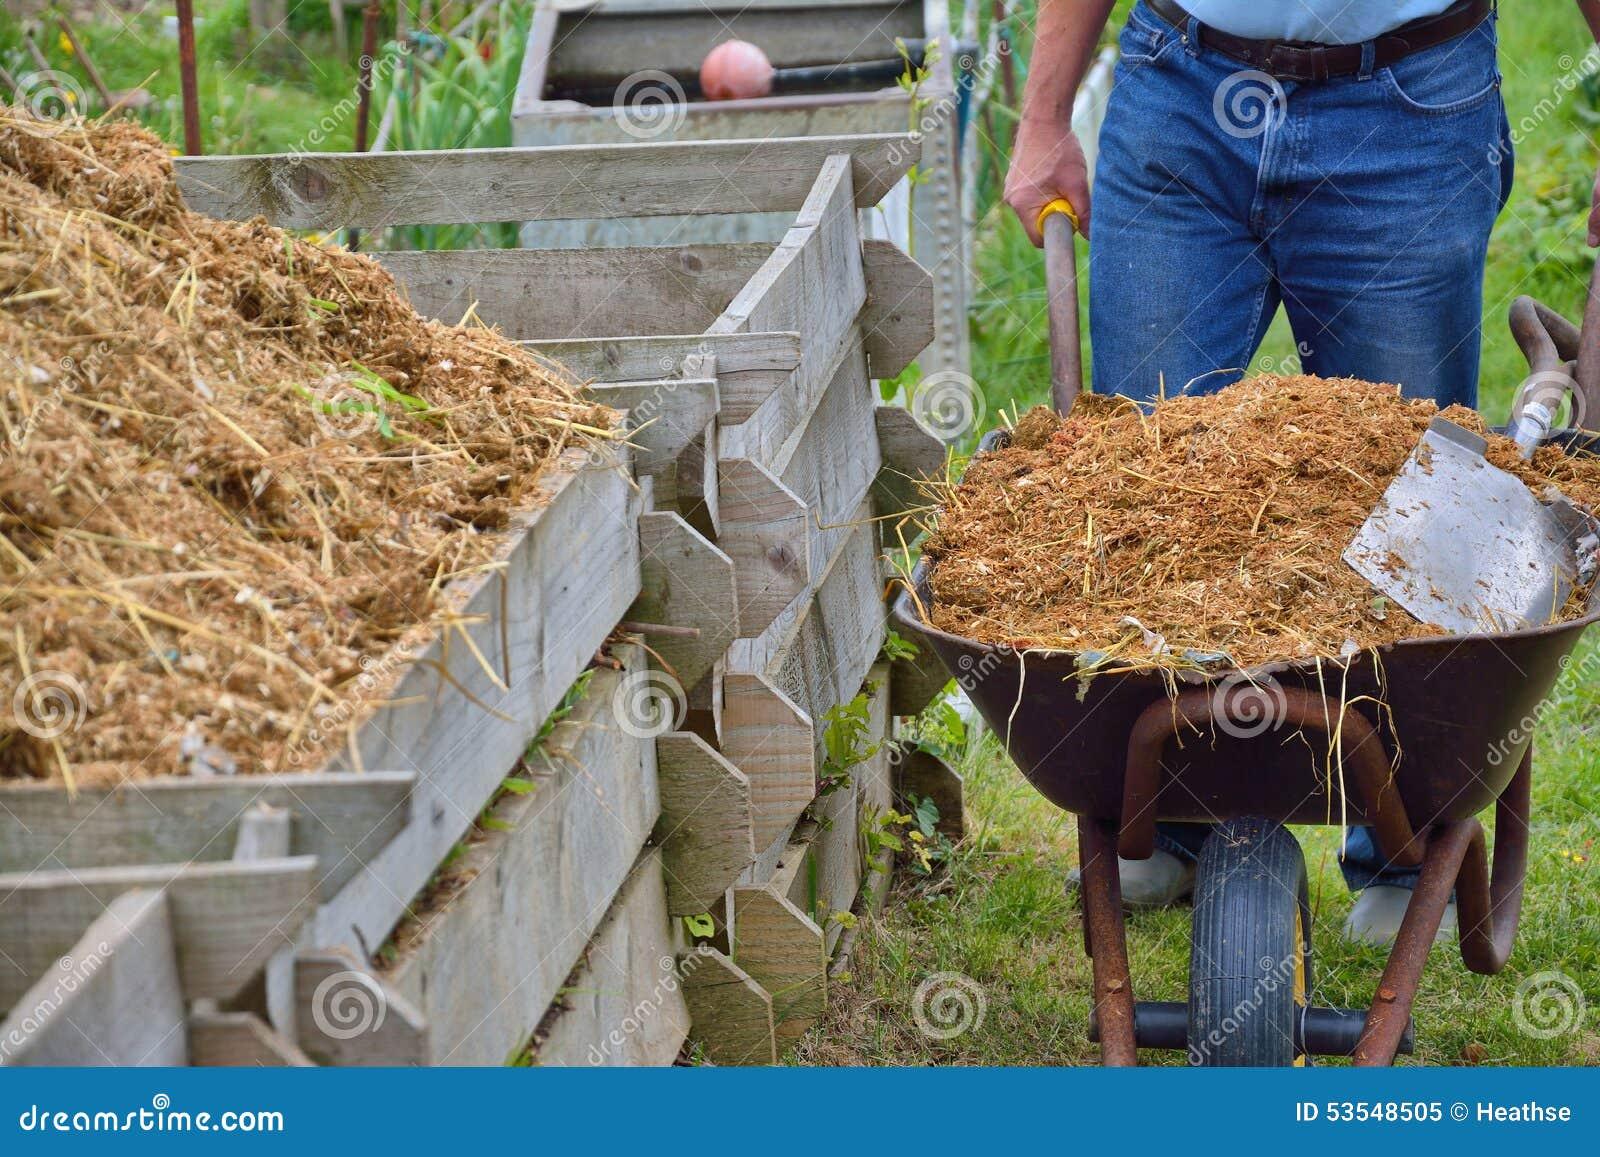 Poubelle De Compost Et Brouette D 39 Engrais Photo Stock Image 53548505